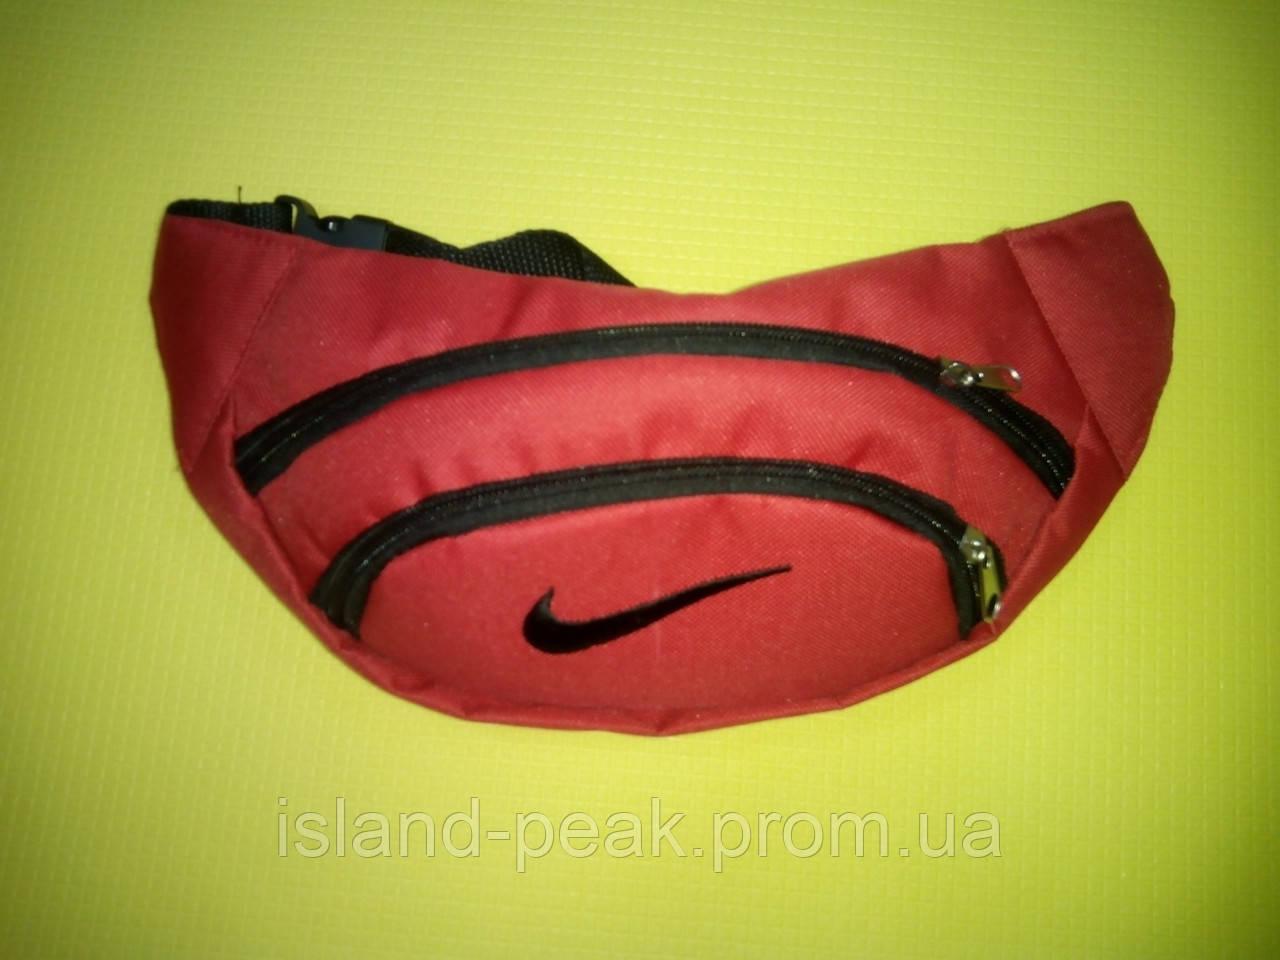 Поясная сумка - барсетка Nike.